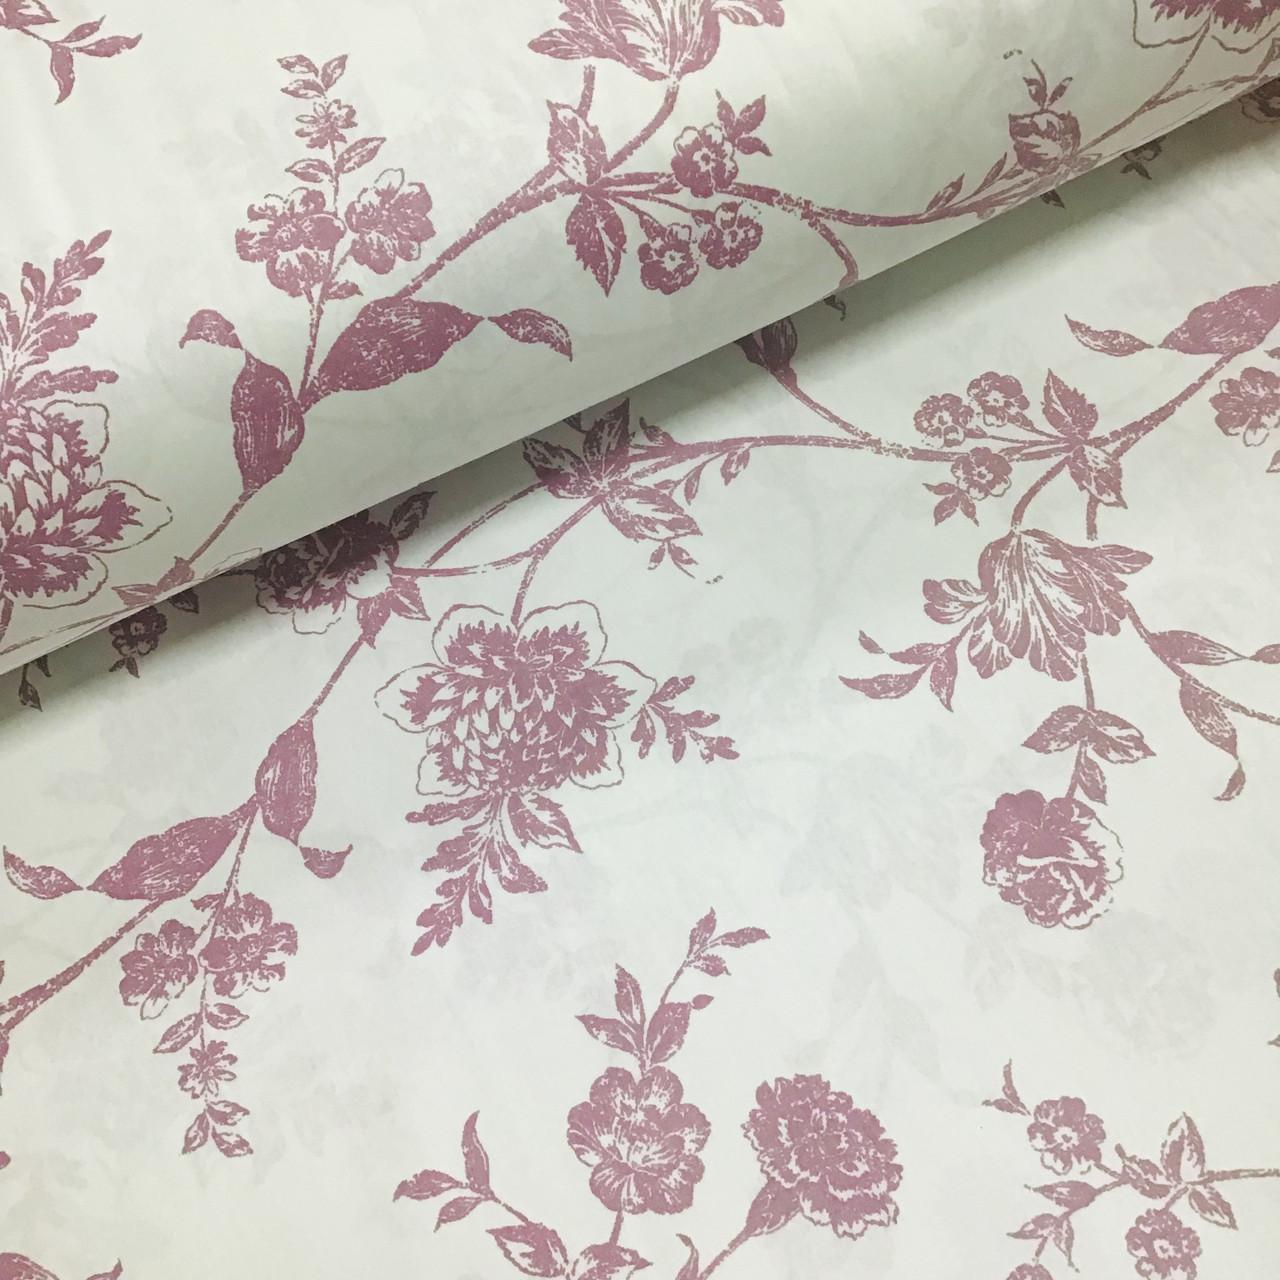 Ткань поплин крупные сиреневые цветы на белом (ТУРЦИЯ шир. 2,4 м) №32-208 ОТРЕЗ(0,6*2,4)